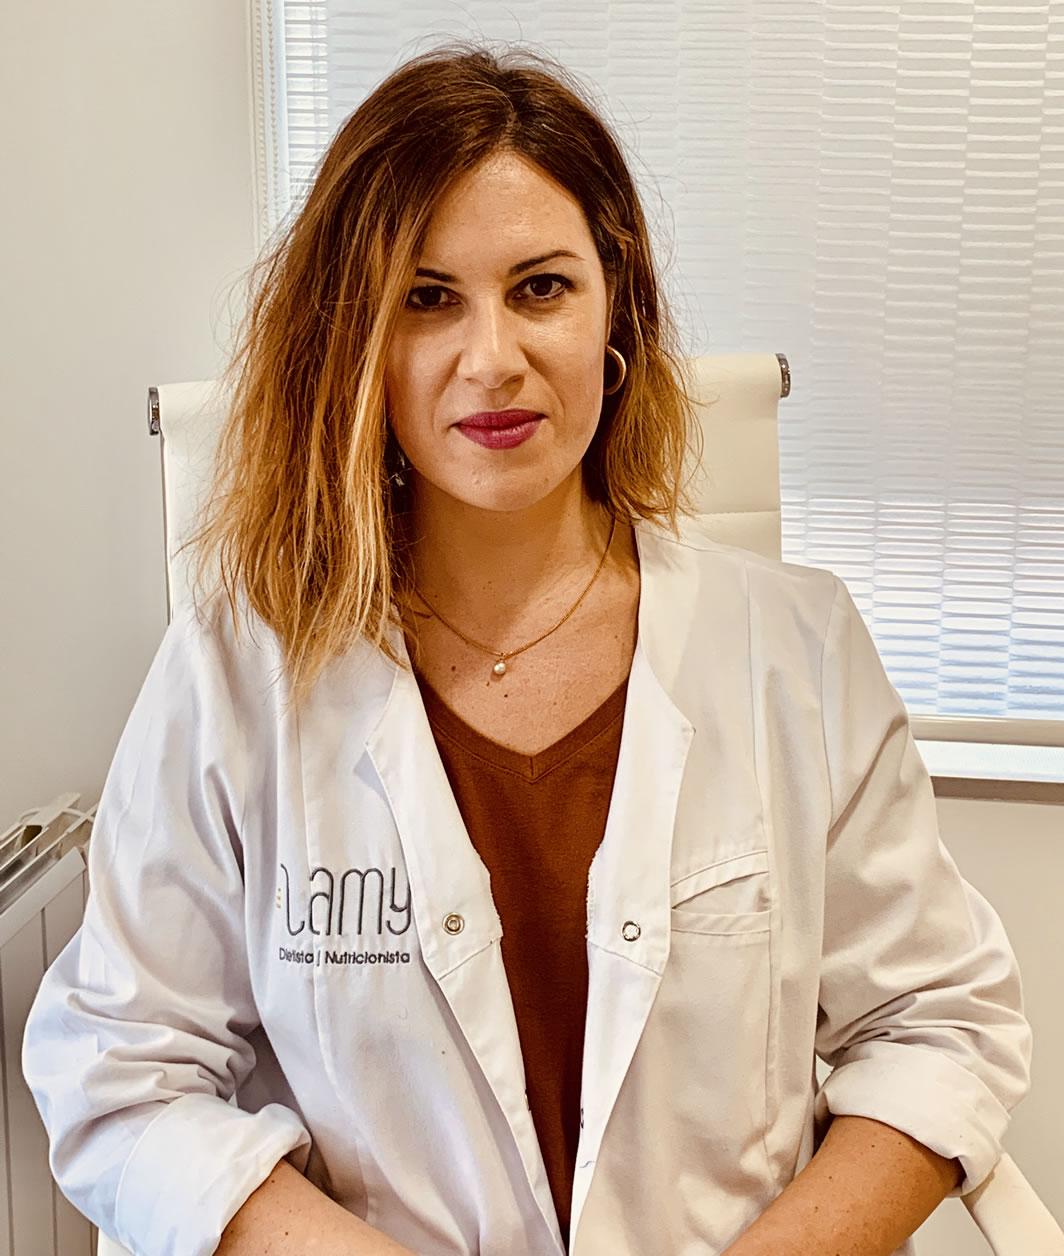 Dietista Nutricionista en Soria: BIENVENIDOS A CLÍNICA LAMY